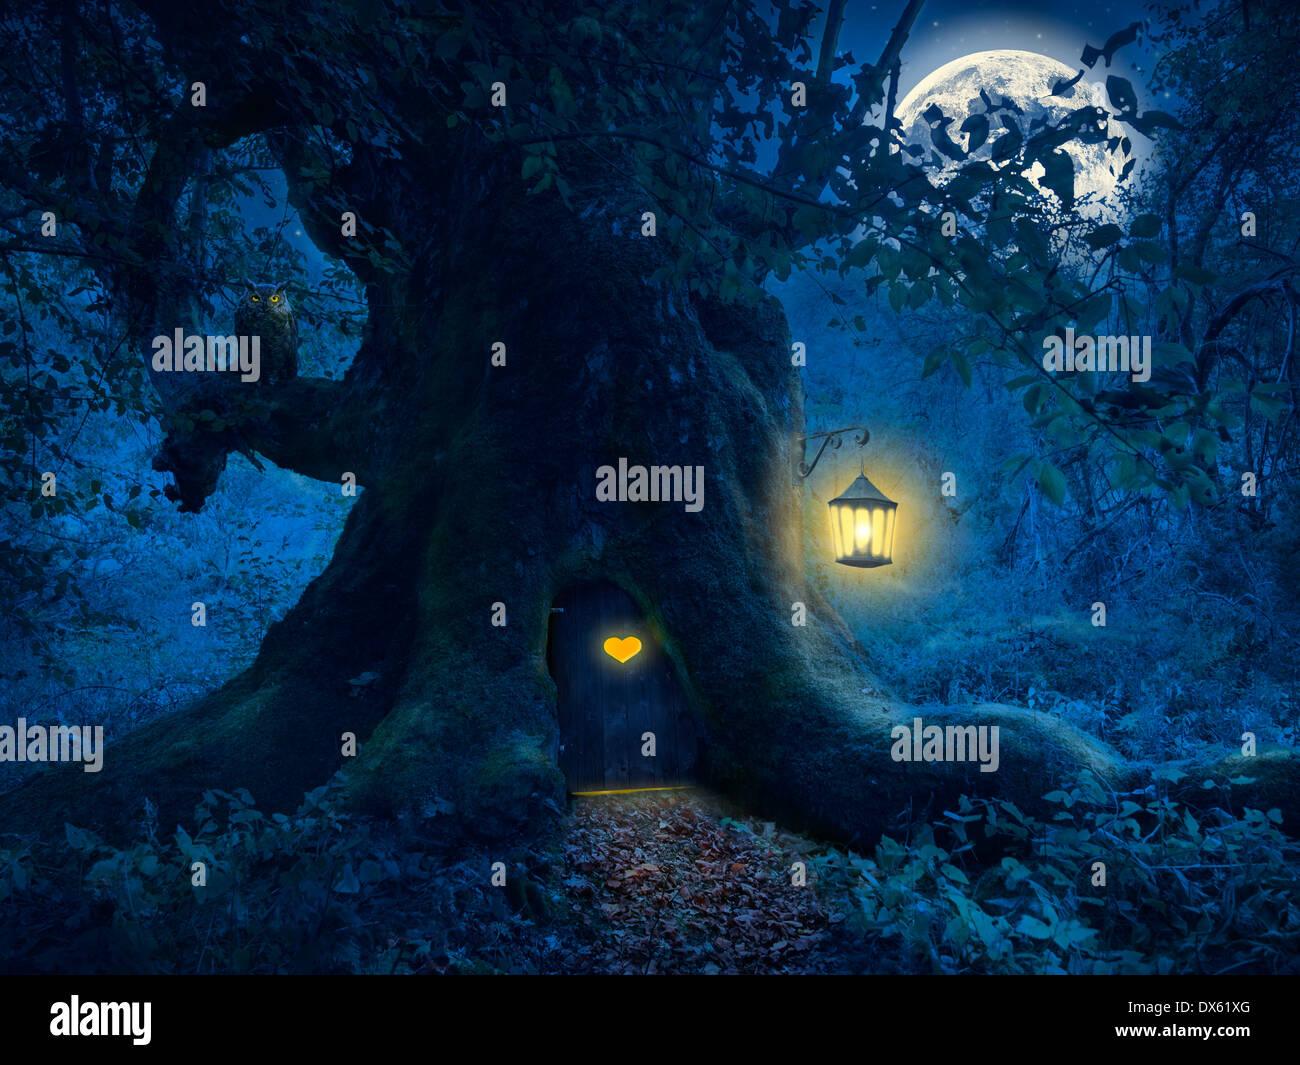 Nuit Magique avec un peu d'accueil dans le tronc d'un vieil arbre dans la forêt enchantée. Photo Stock